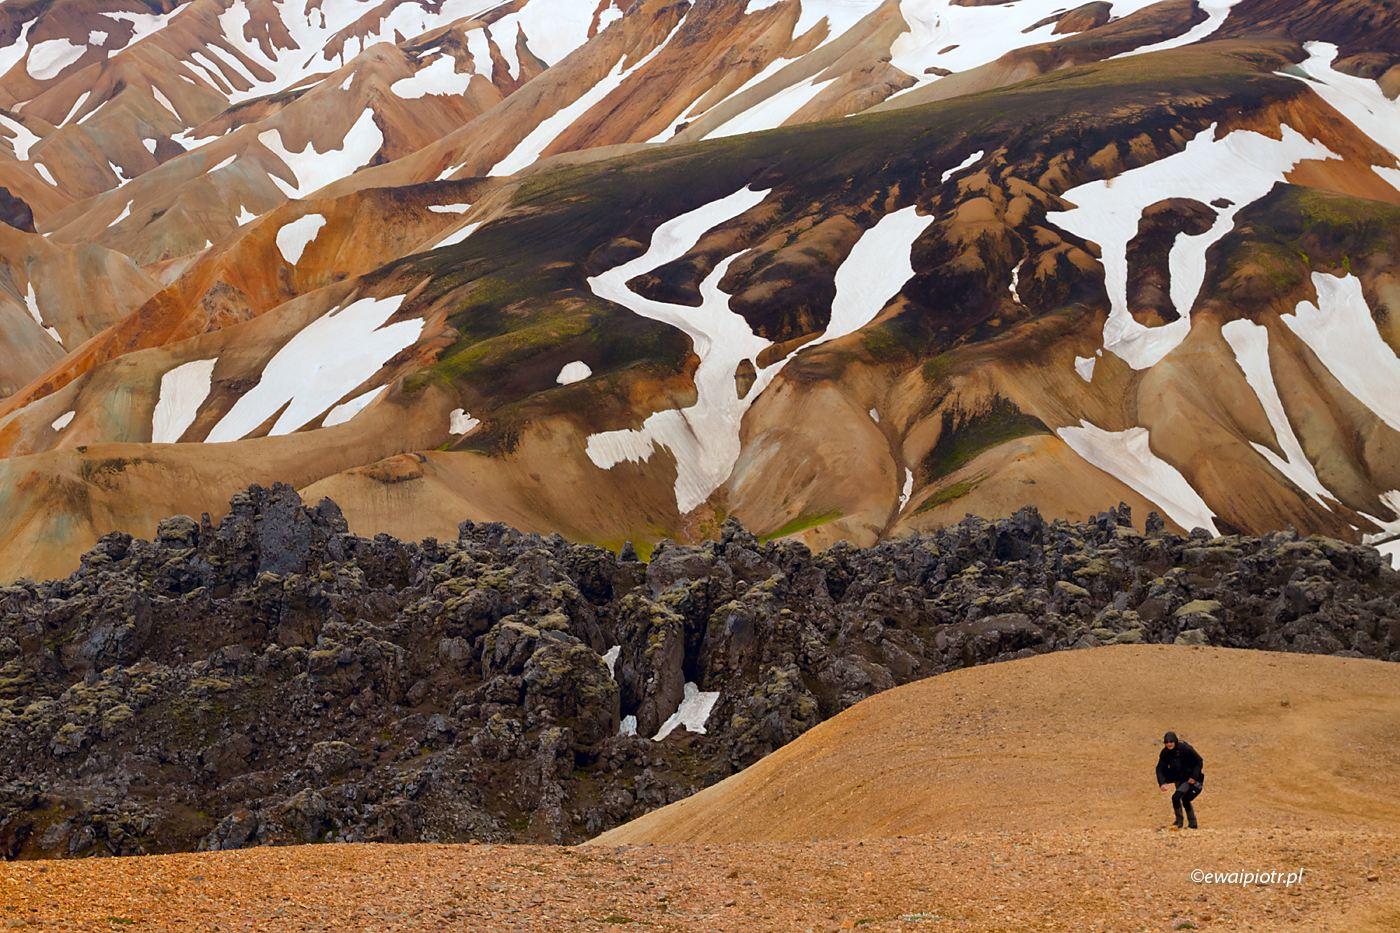 Pasiaste wzgórza Landmannalaugar, Islandia, czy na warsztatach fotograficznych trzeba dużo chodzić